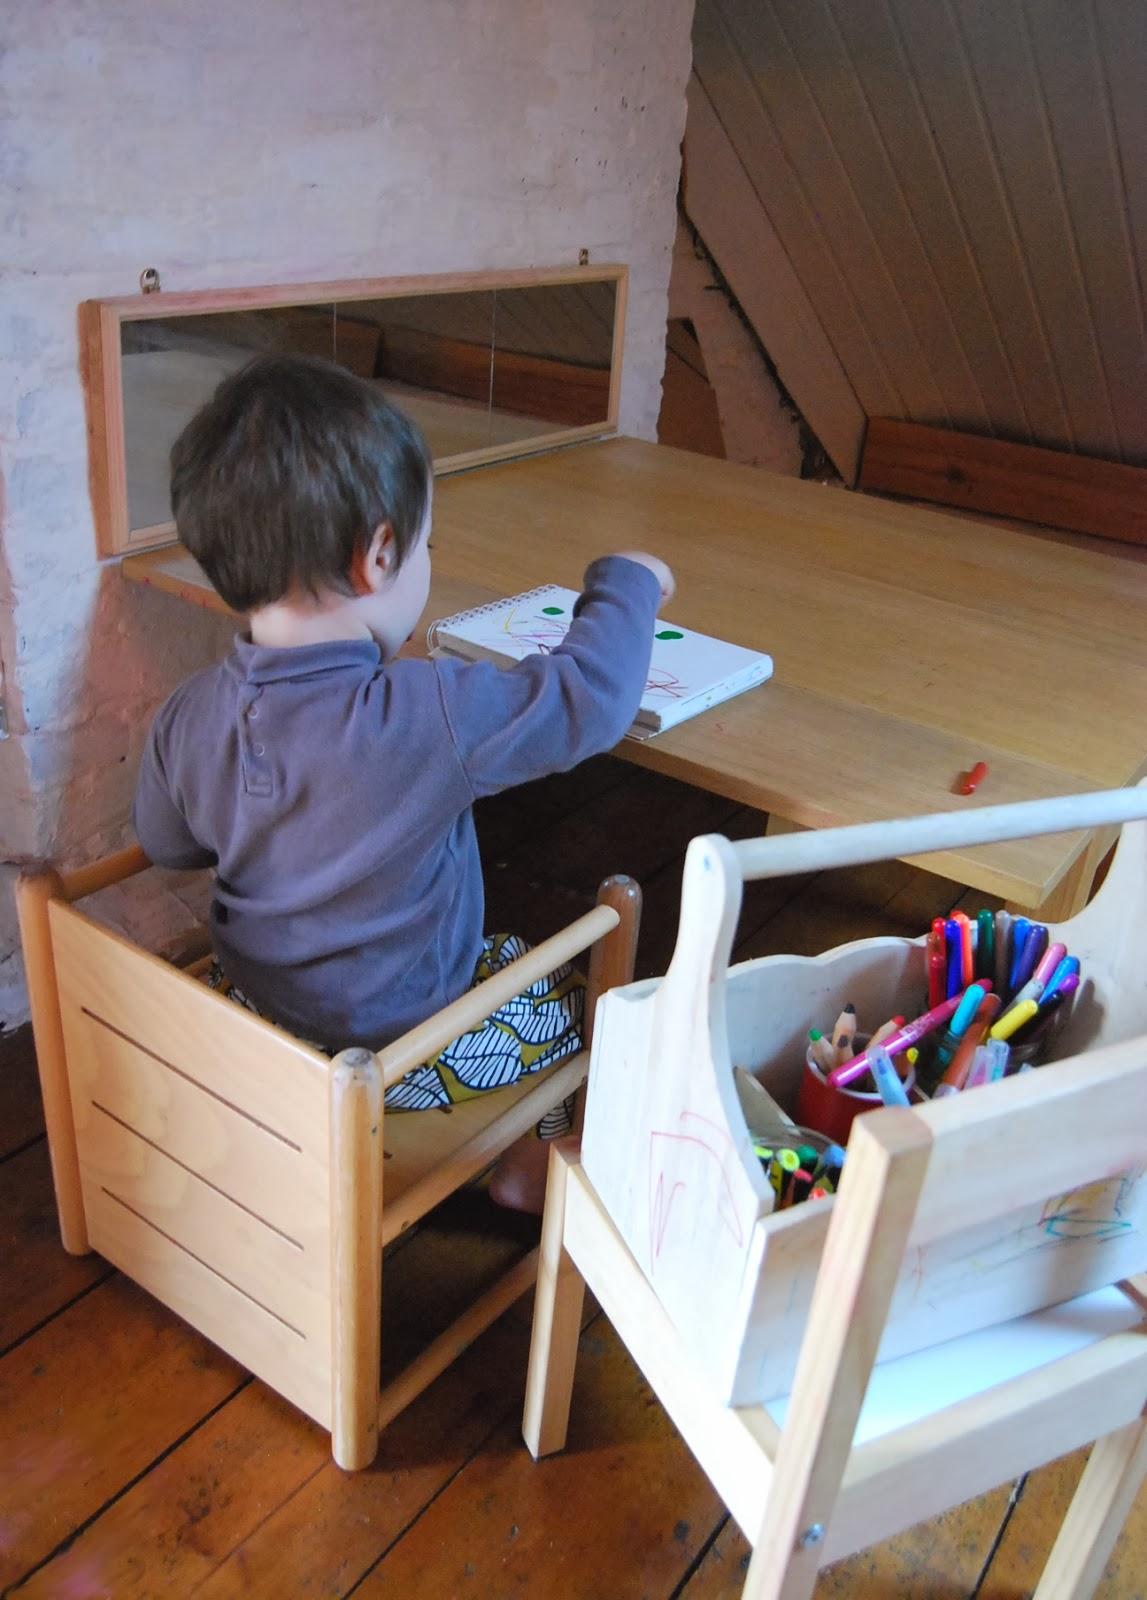 Merci qui merci montessori notre atelier - Table qui se replie contre le mur ...